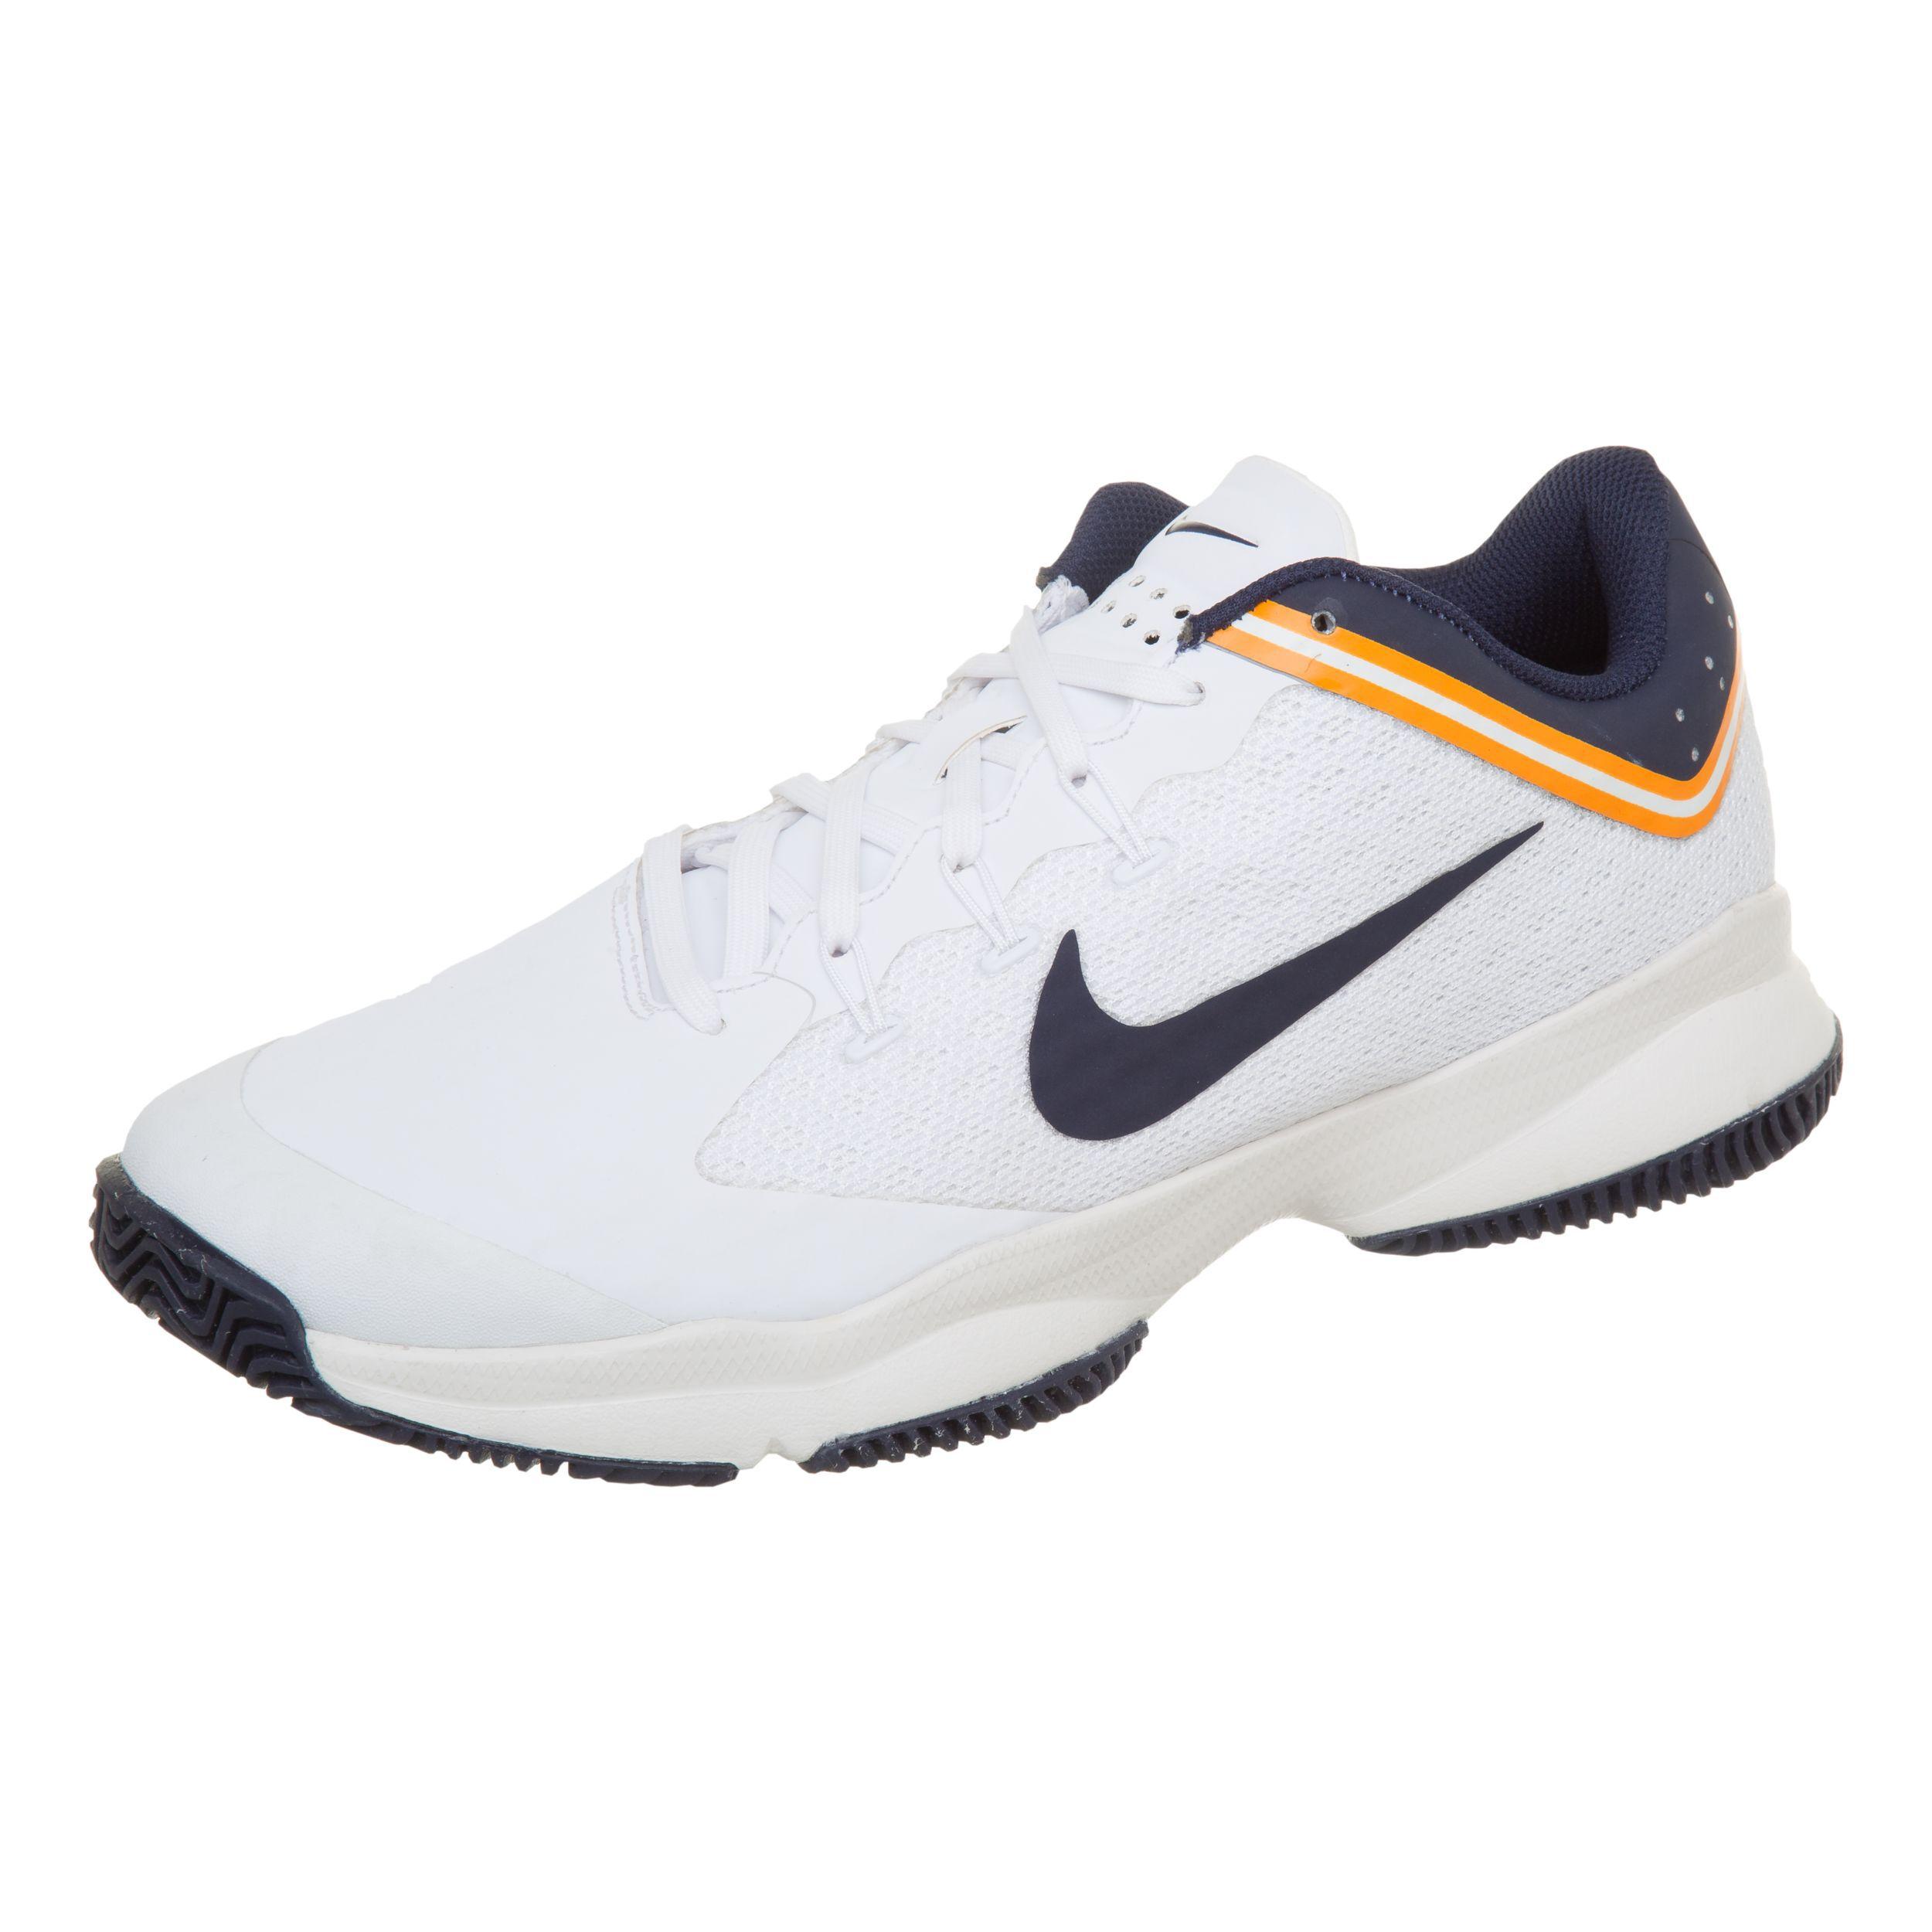 Nike Air Zoom Ultra Allcourtschuh Herren Weiß, Dunkelblau